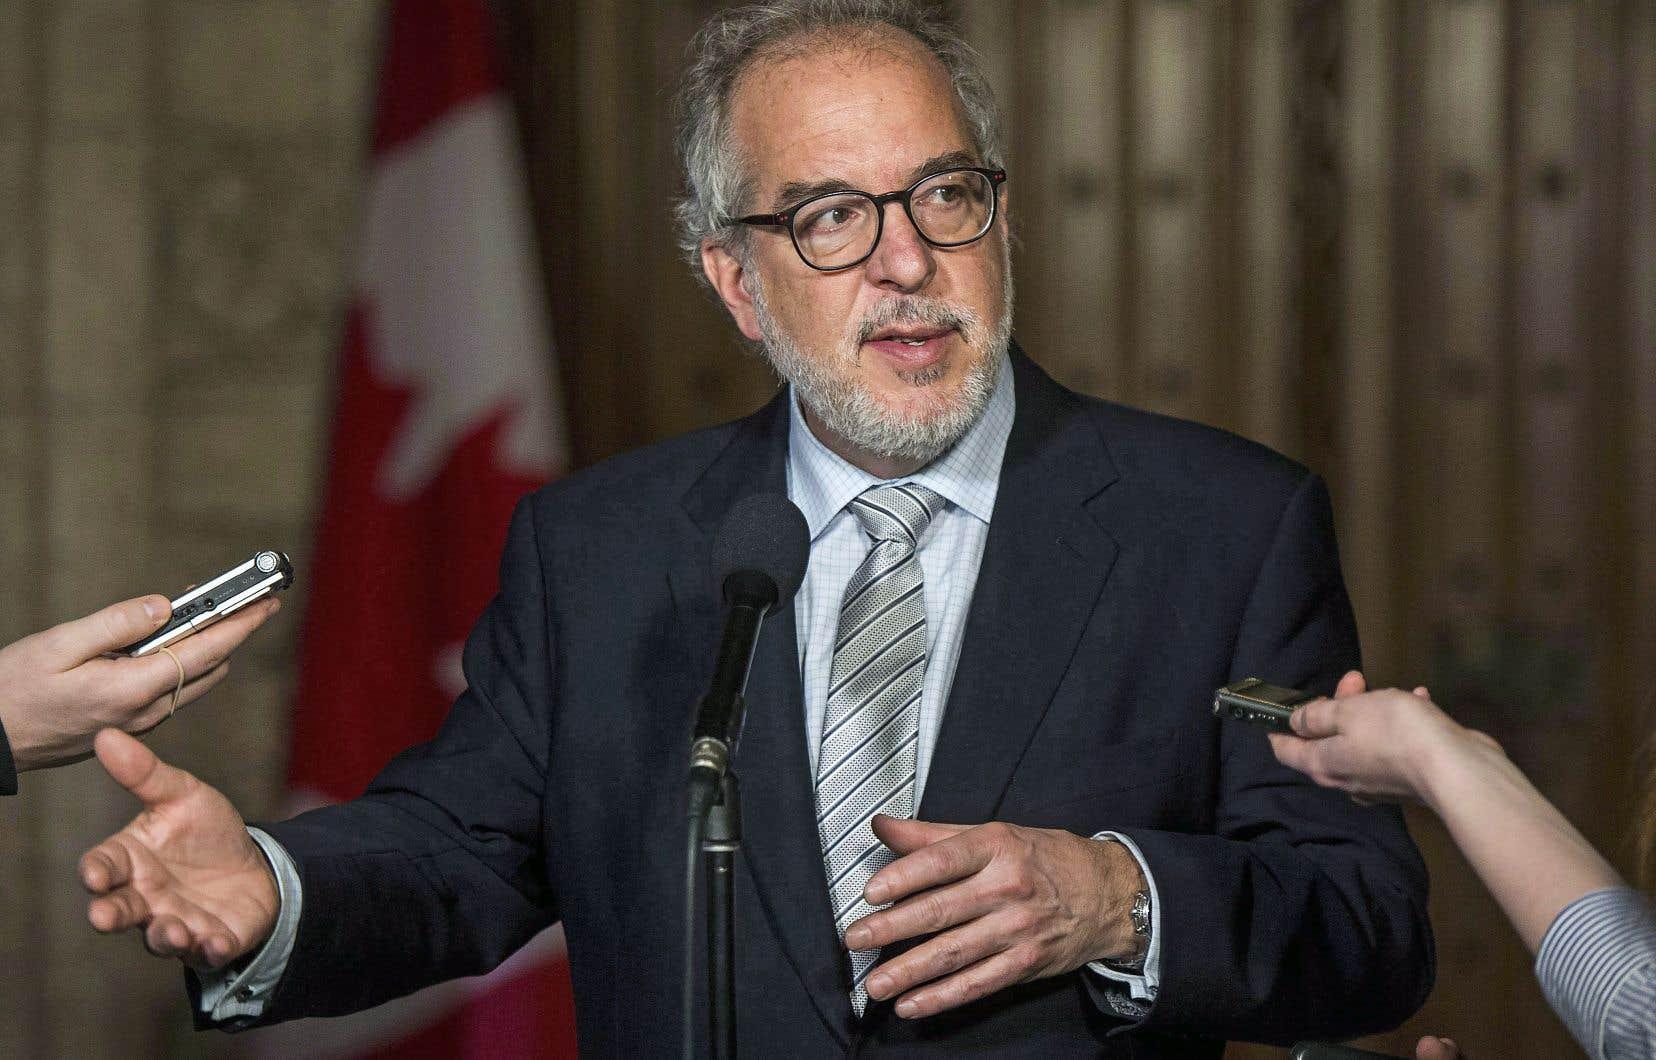 Rhéal Fortin assumera la chefferie du nouveau parti baptisé Québec debout, en attendant un congrès de fondation, lors duquel un chef permanent sera choisi.